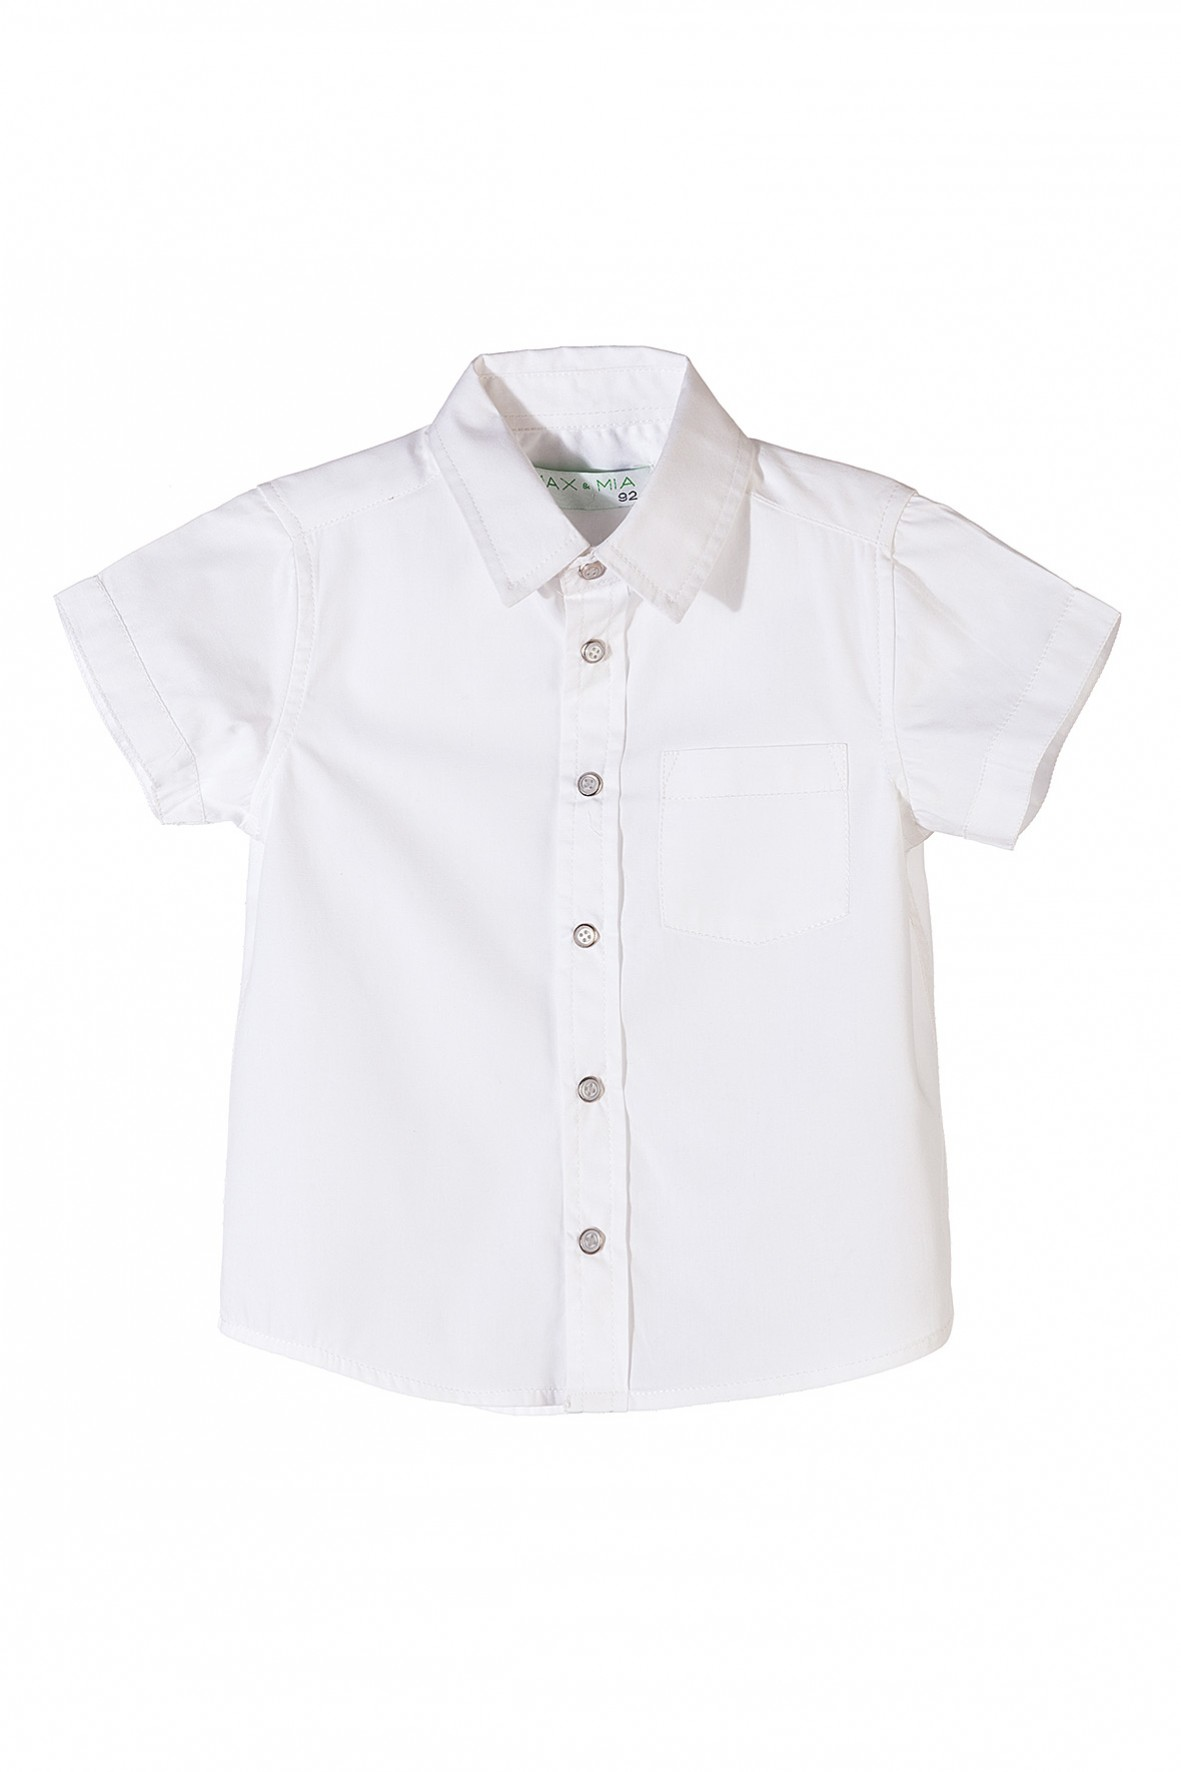 Koszula chłopięca krótki rękaw